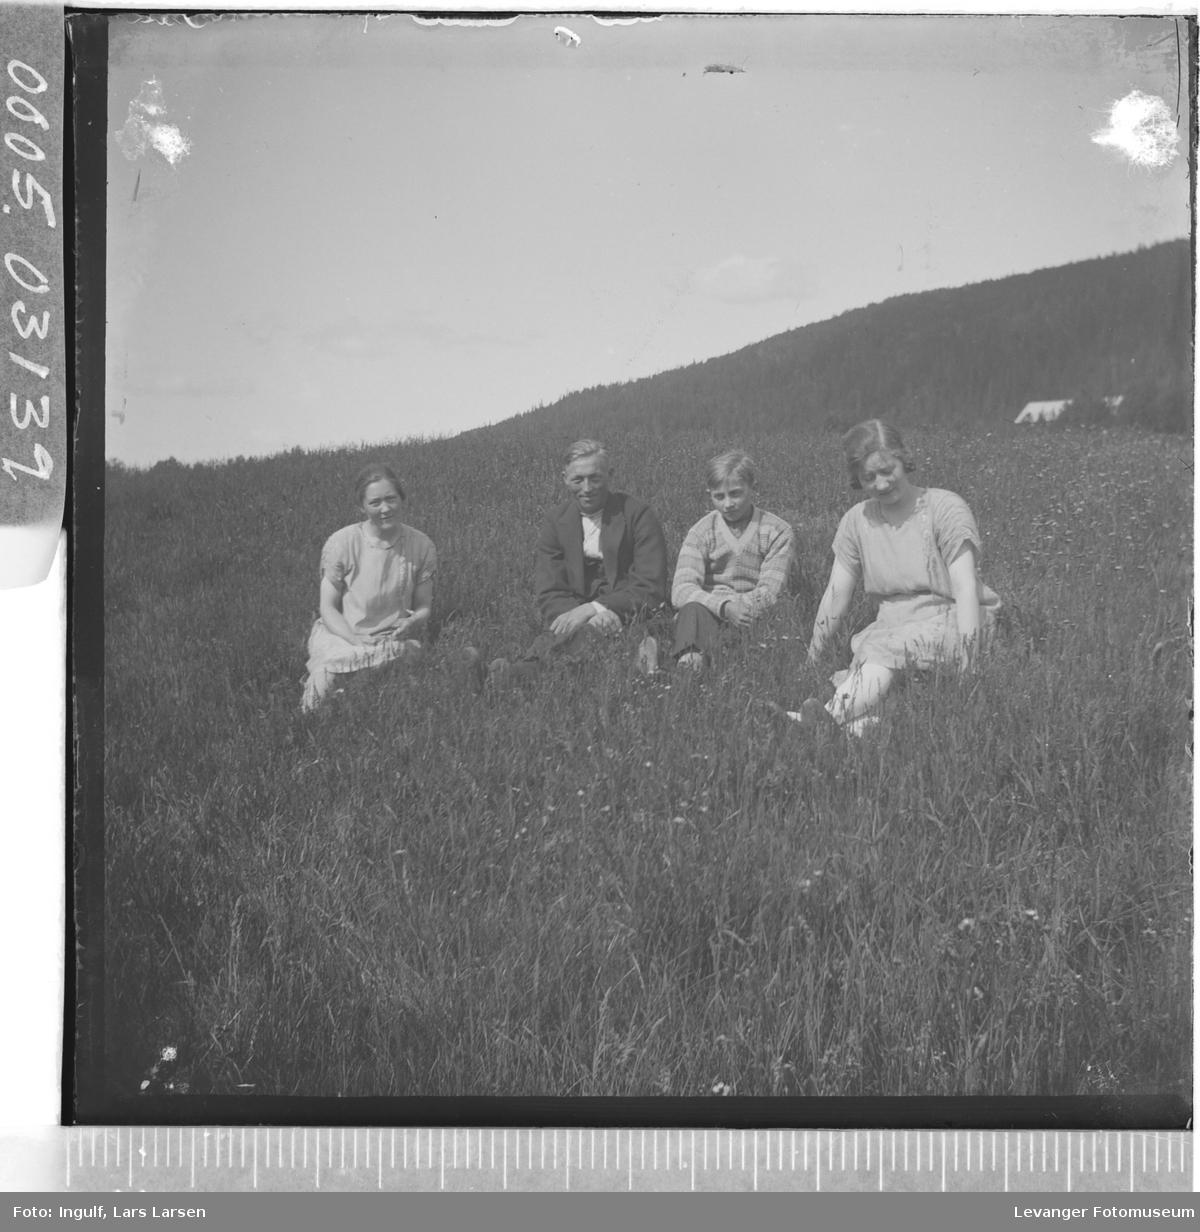 Gruppebilde av to kvinner og to menn sittende i gresset.